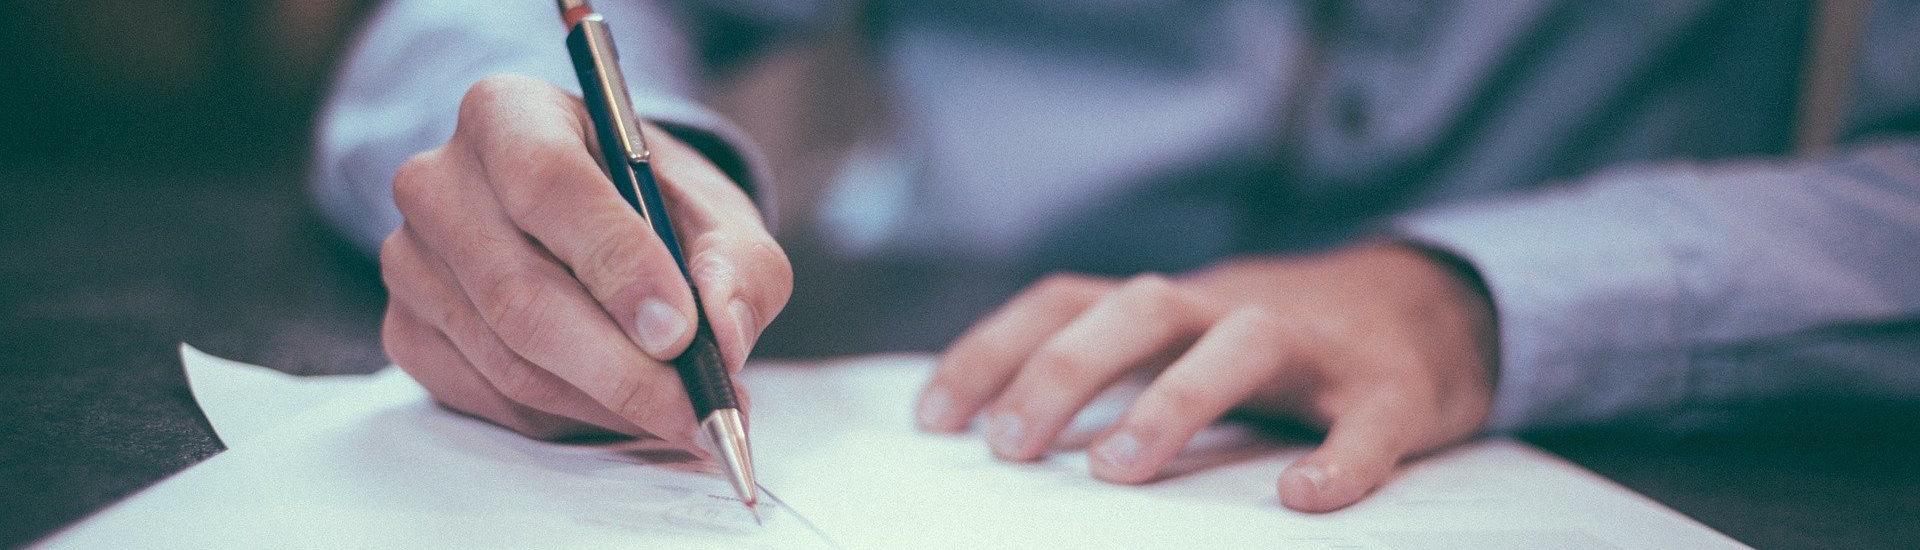 Foto: schreibende Hand mit Stift und Papier